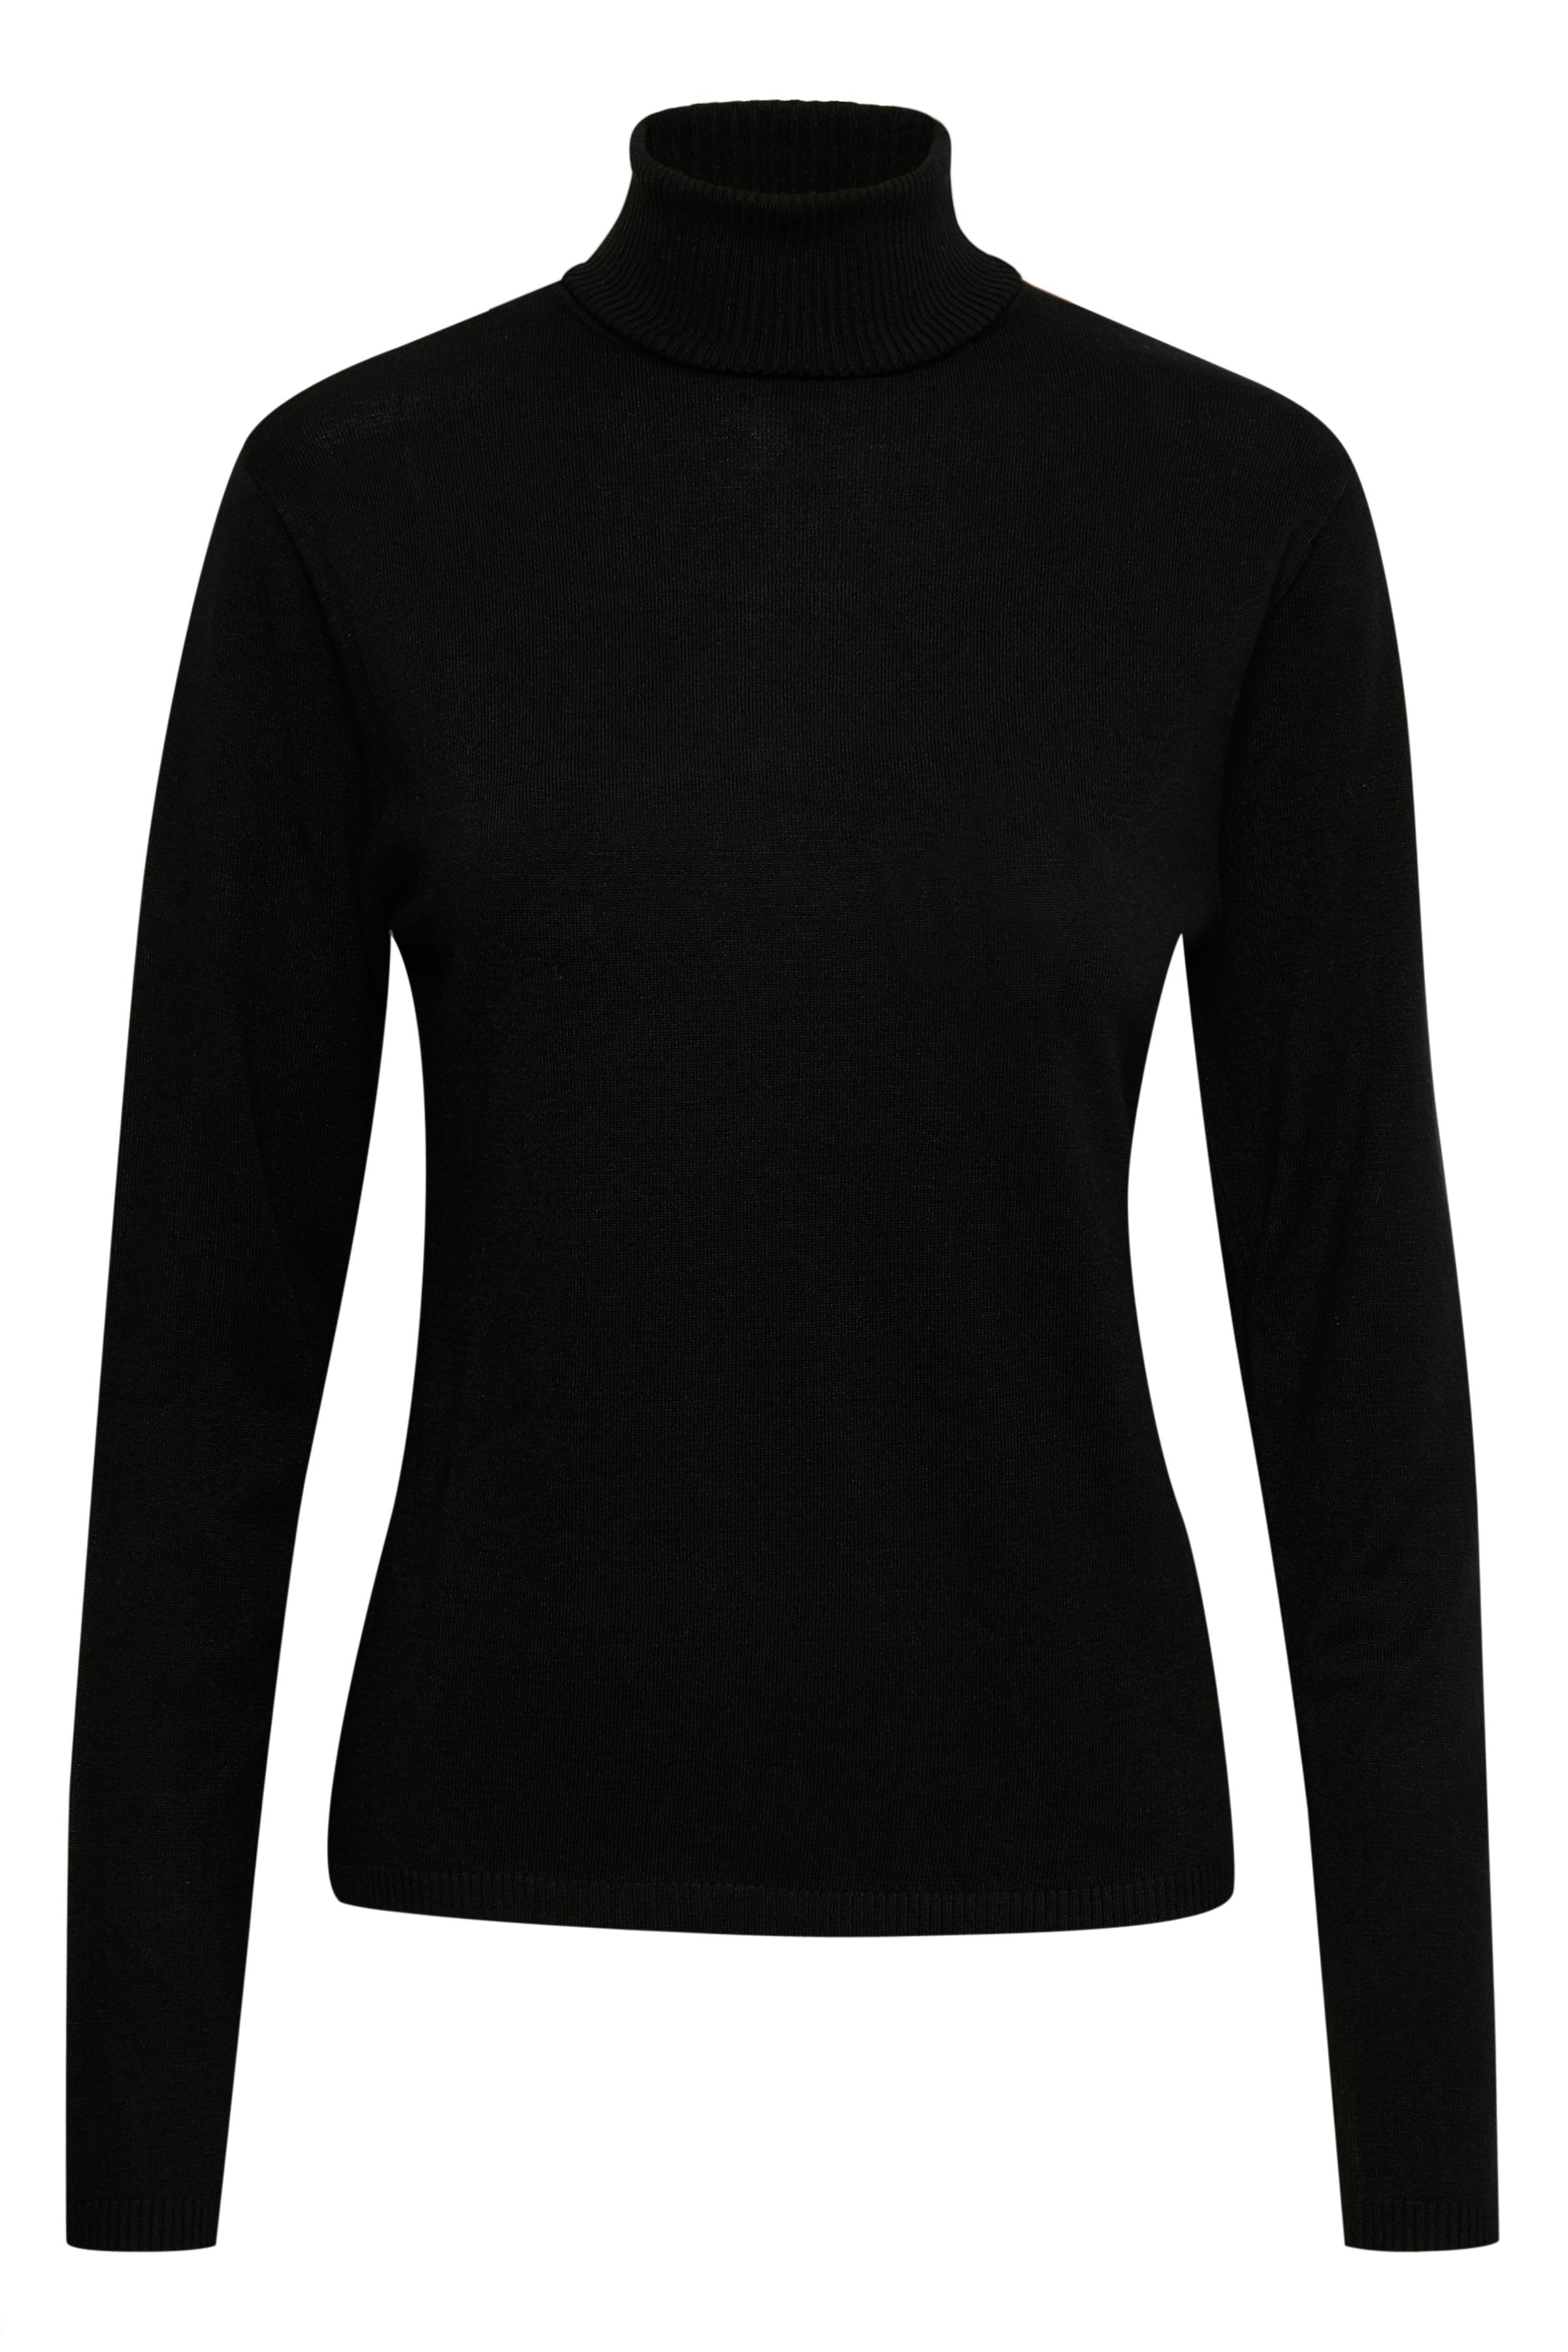 Svart Stickad pullover från Culture – Köp Svart Stickad pullover från stl. XS-XXL här